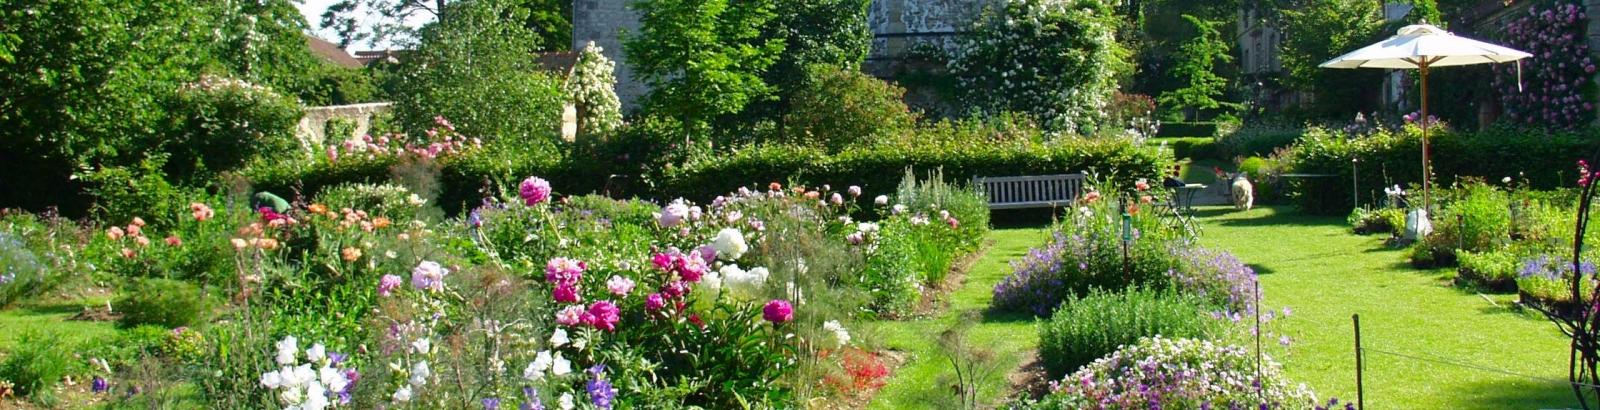 Photo prise d'un jardin fleuri avec des fleurs à Grisy-les-Plâtres